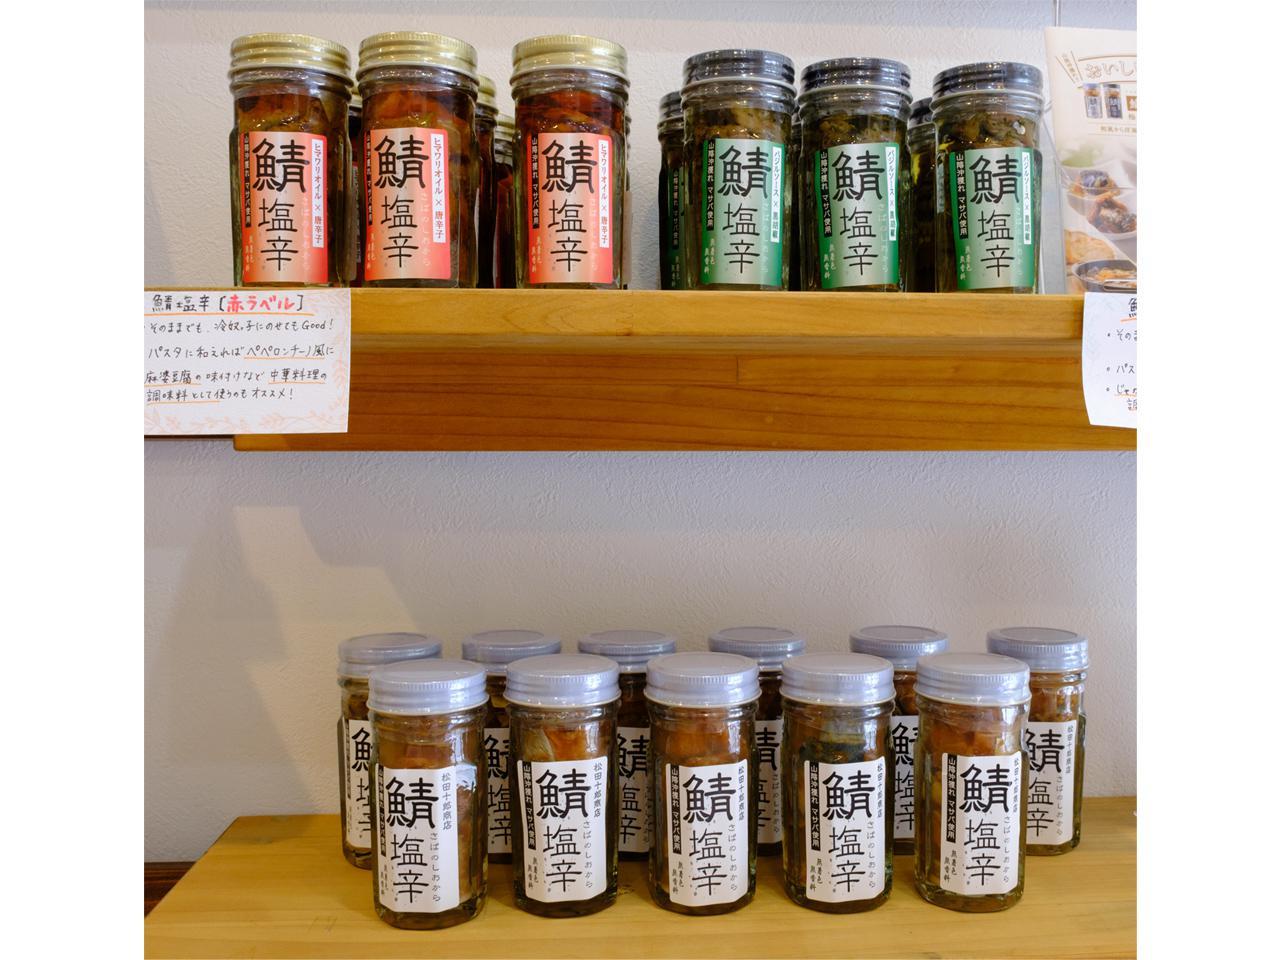 画像: ごはんのお供にぴったりと人気。松田十郎商店の「鯖塩辛」。